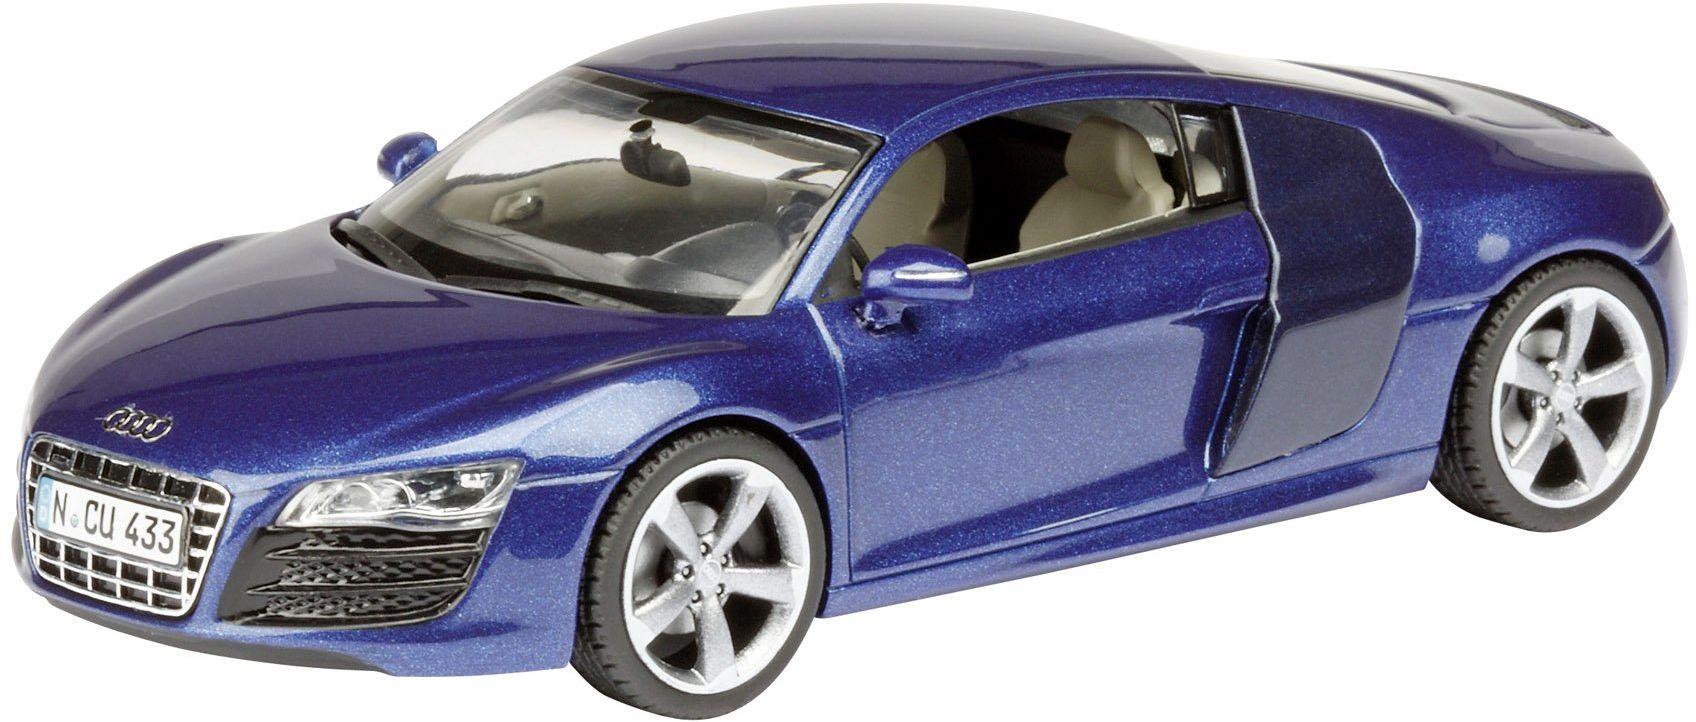 Dickie -Schuco 450491700 - Schuco - Audi R8 V10, niebieski 1:43 sepang blue